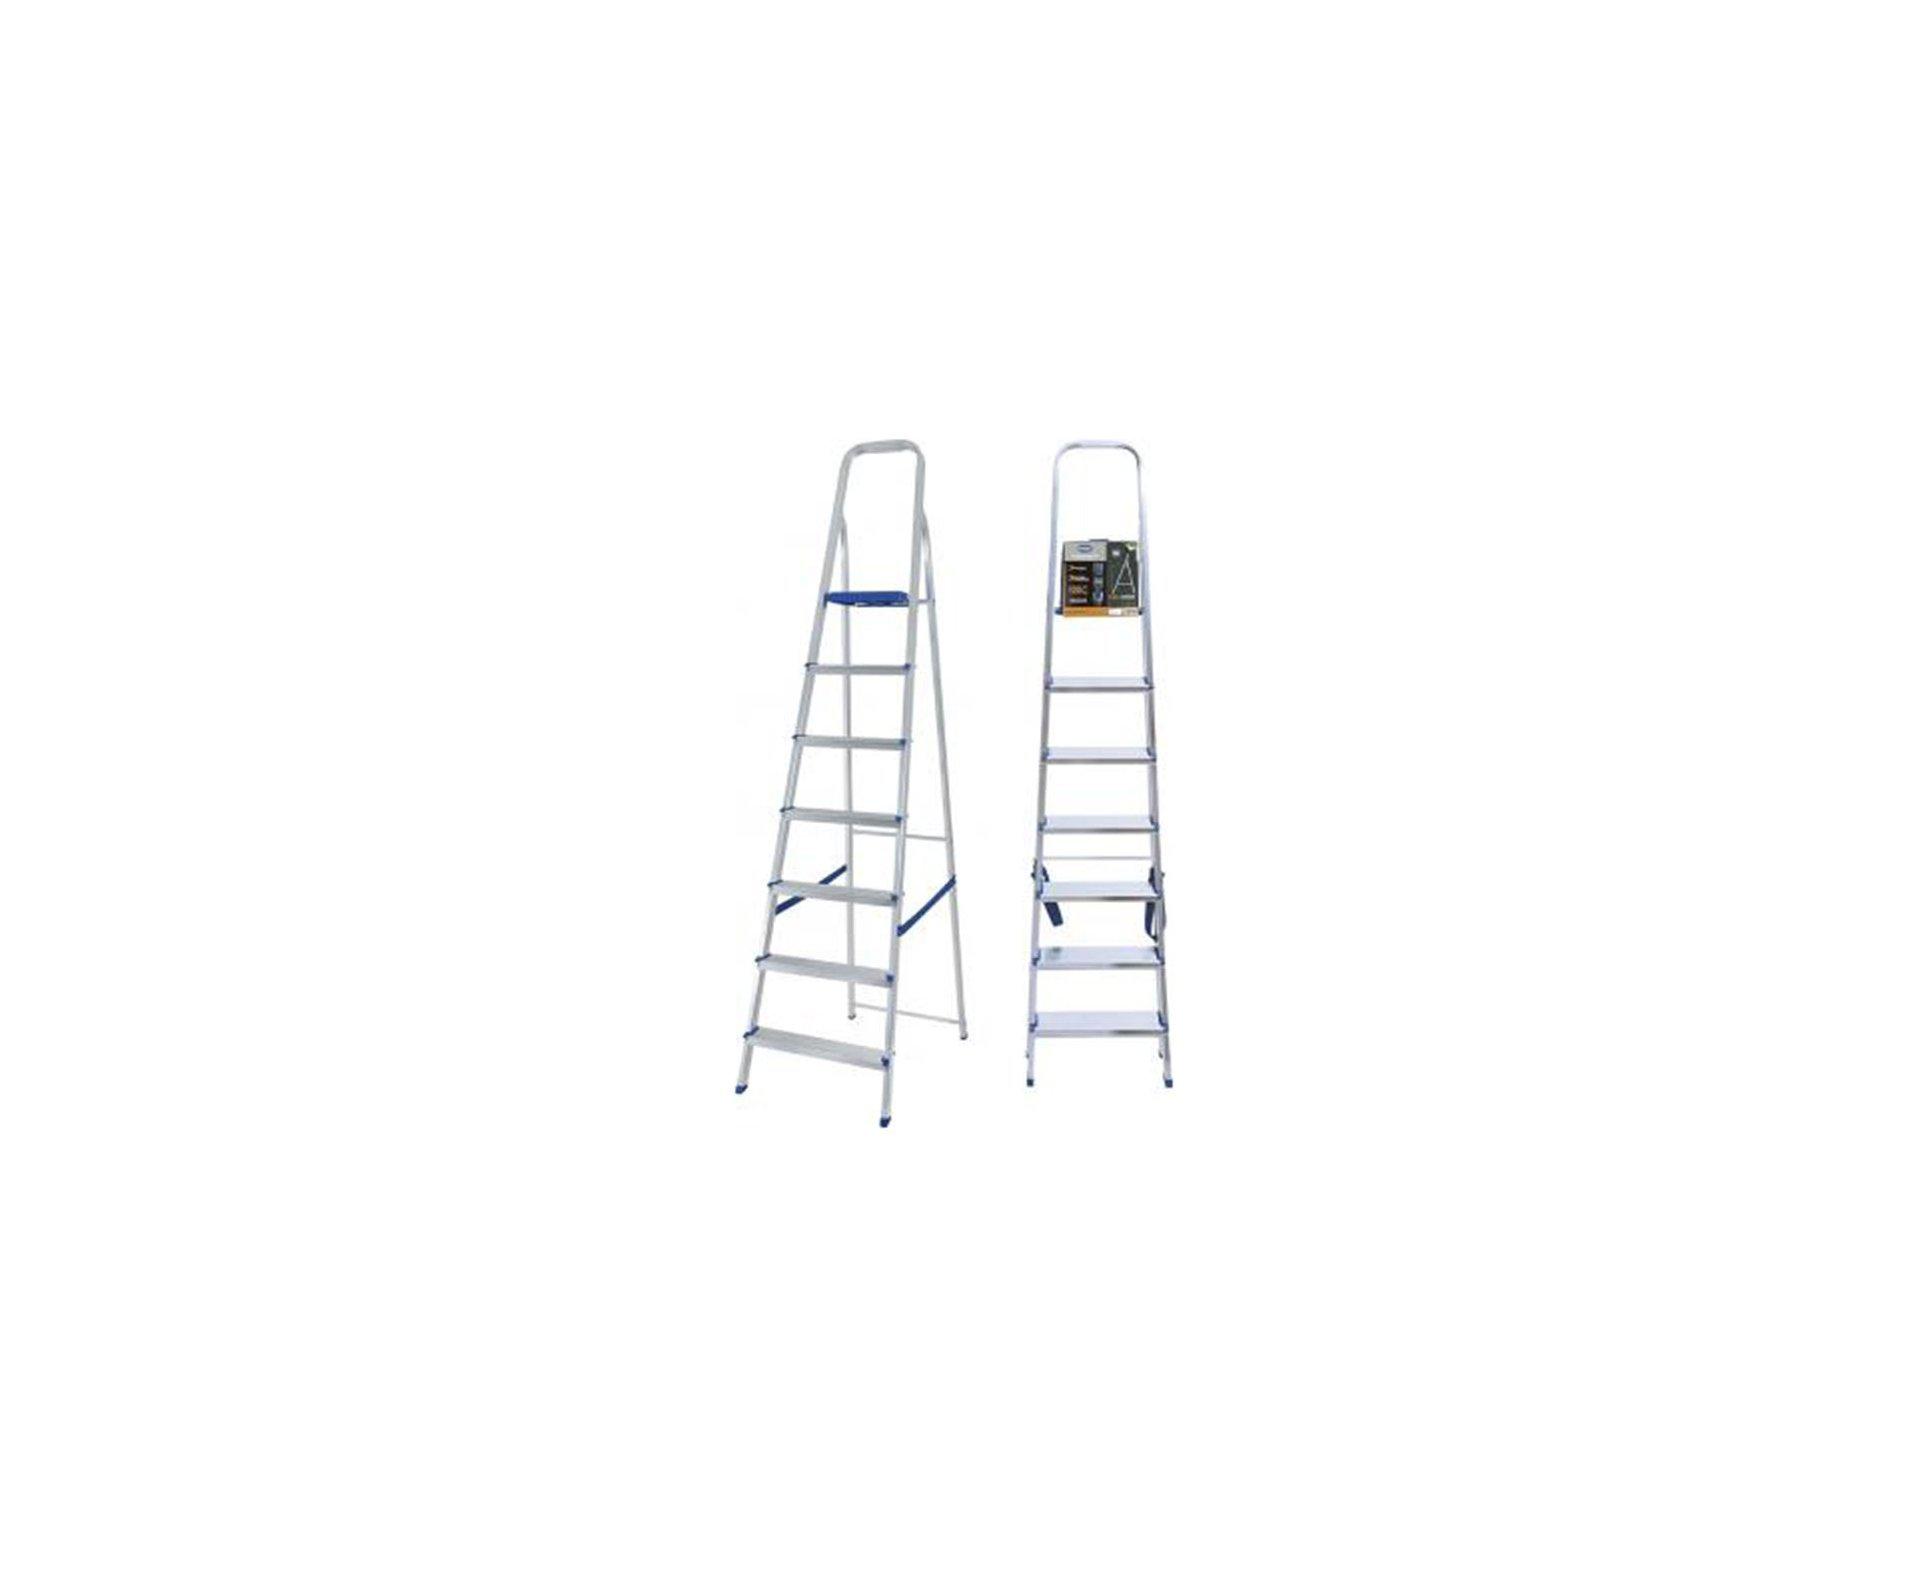 Escada Aluminio 7 Degraus - Mor